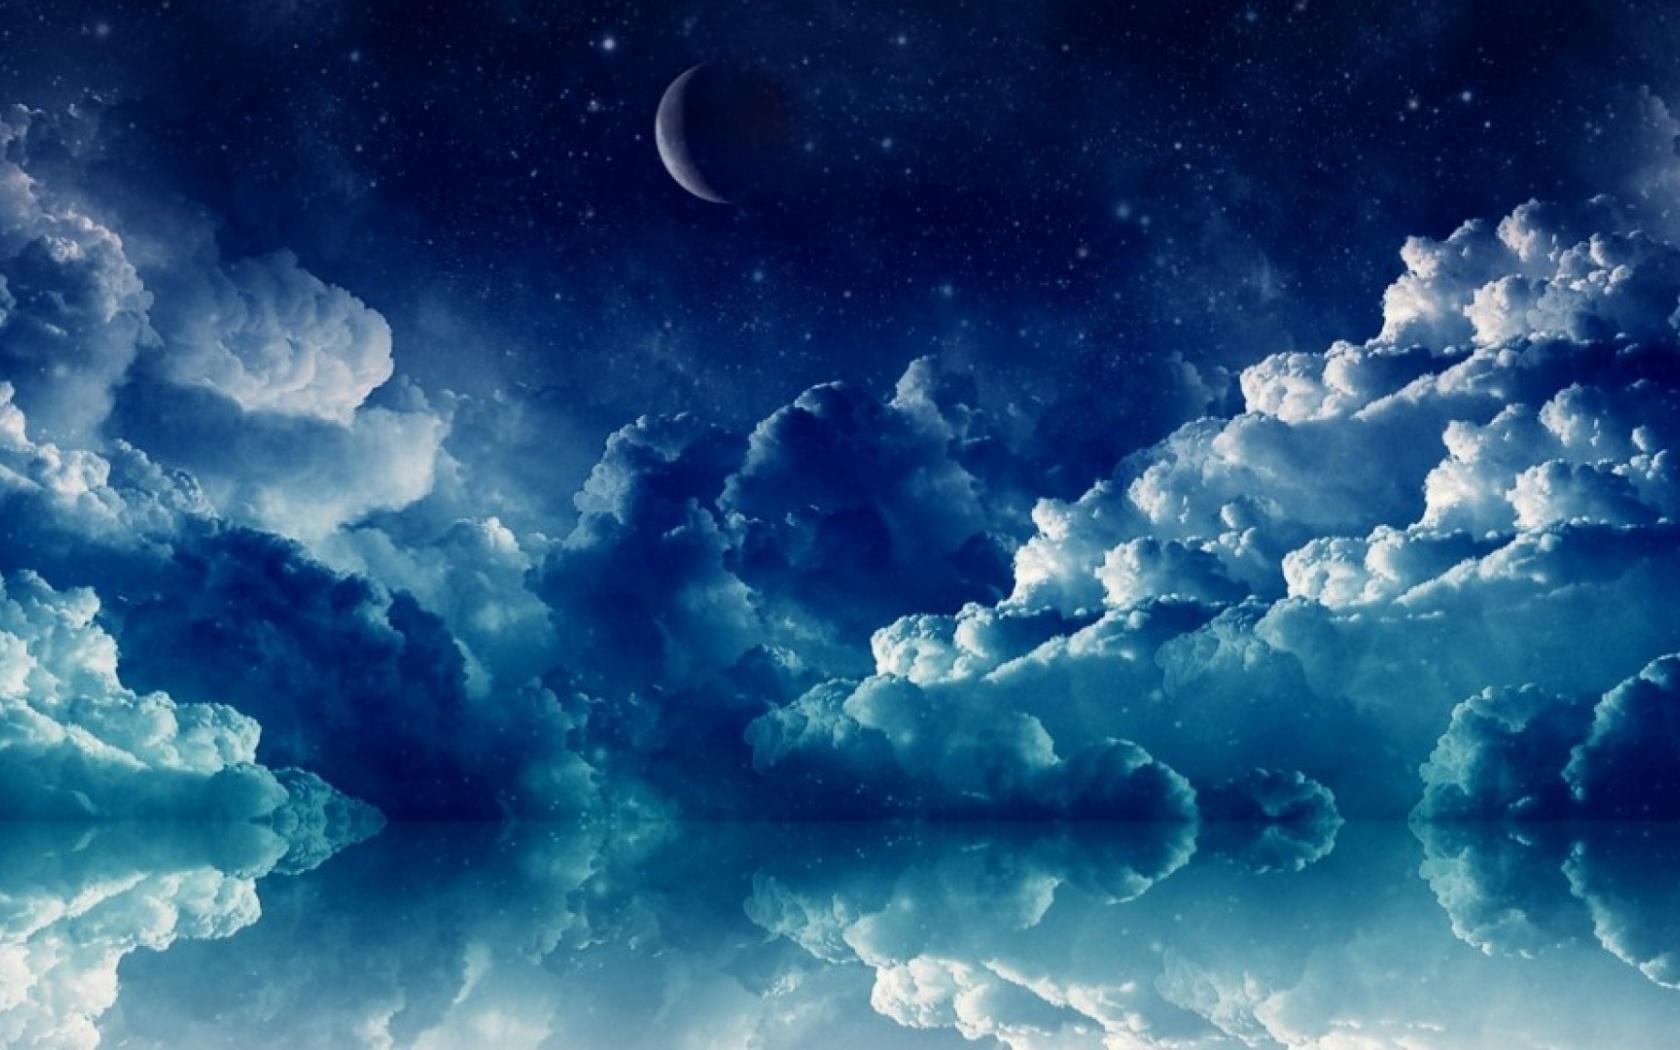 1680x1050 Pretty Blue Night desktop PC and Mac wallpaper 1680x1050